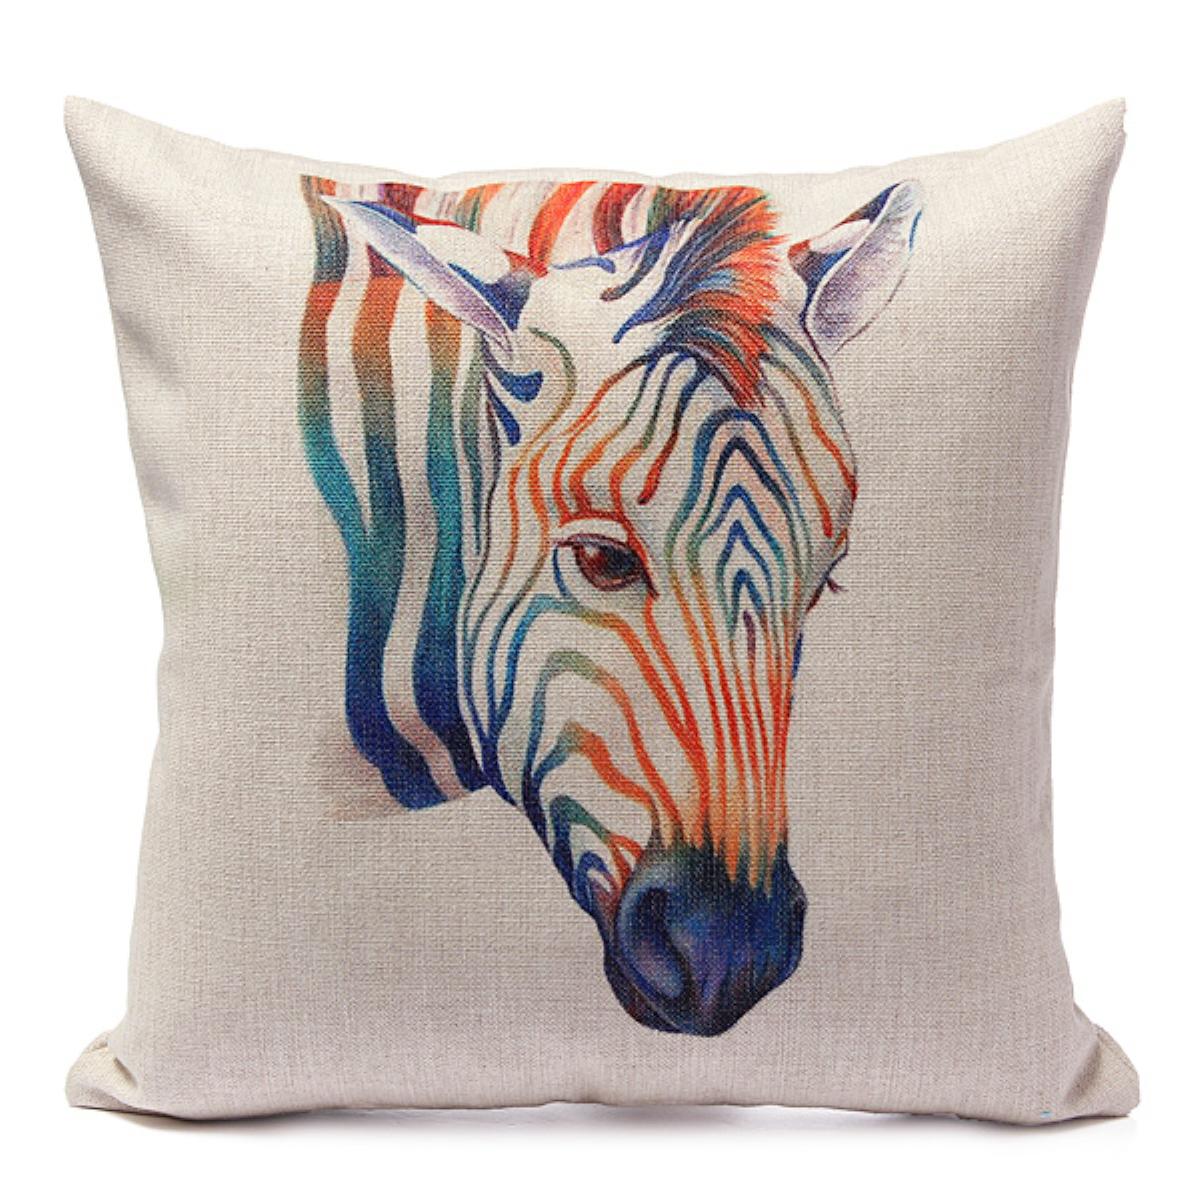 Animal World Home Decor Cotton Linen Pillow Case Sofa Waist Throw Cushion Cover eBay